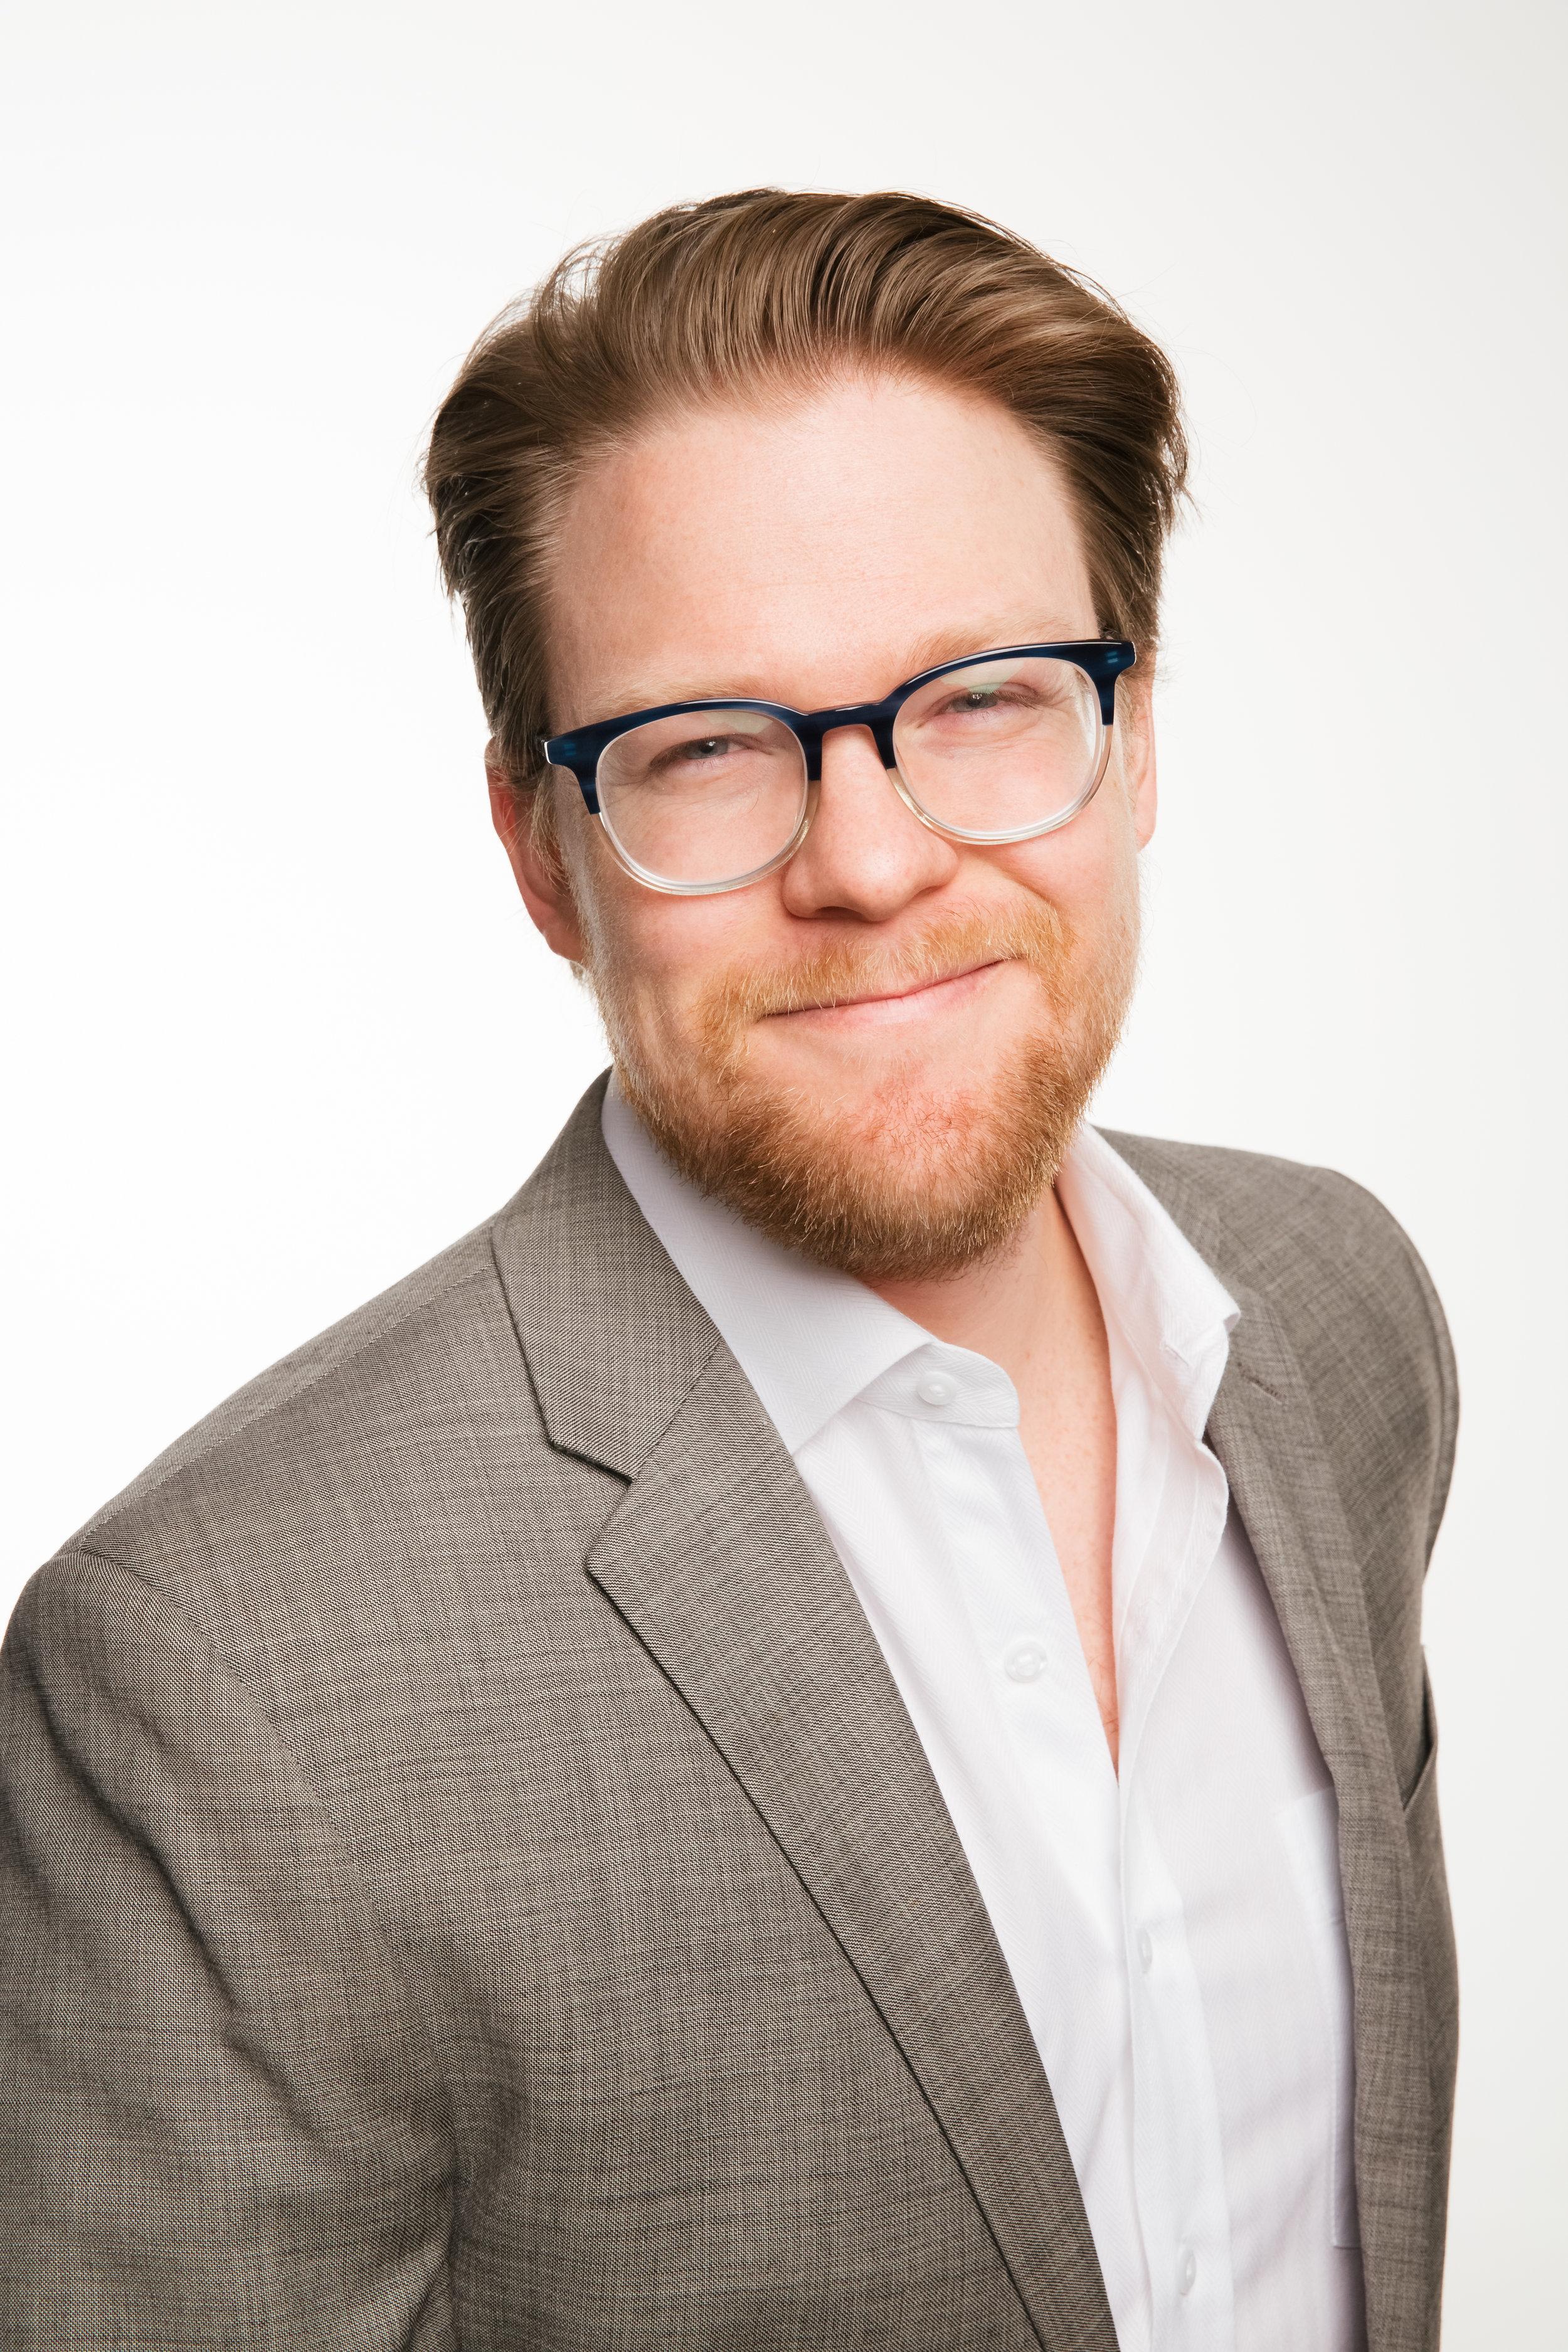 Matt Tidwell - CEO, Instructional Designer